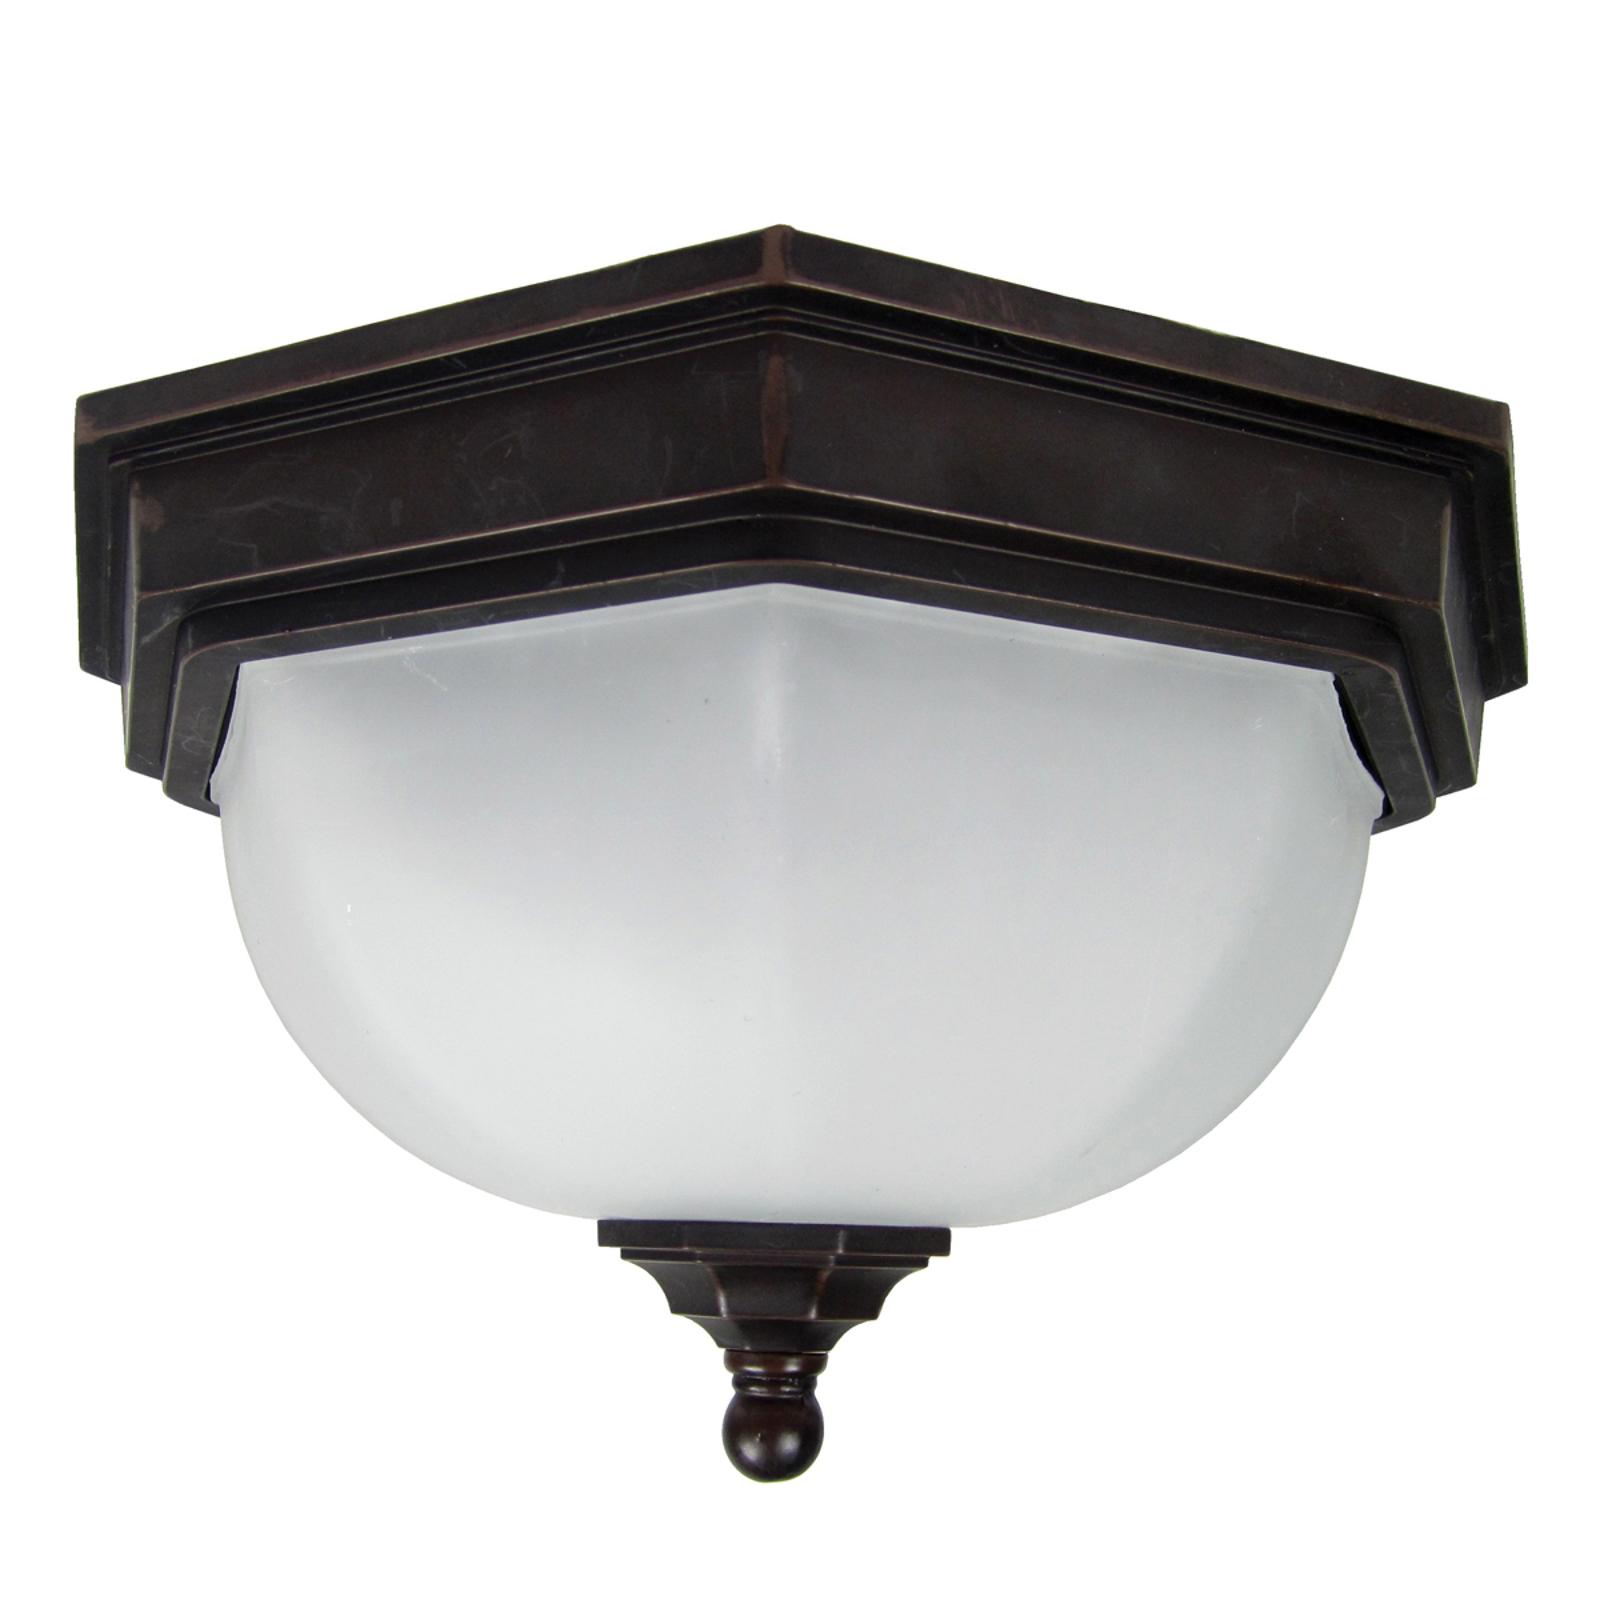 Ładna lampa sufitowa zewnętrzna Fairford